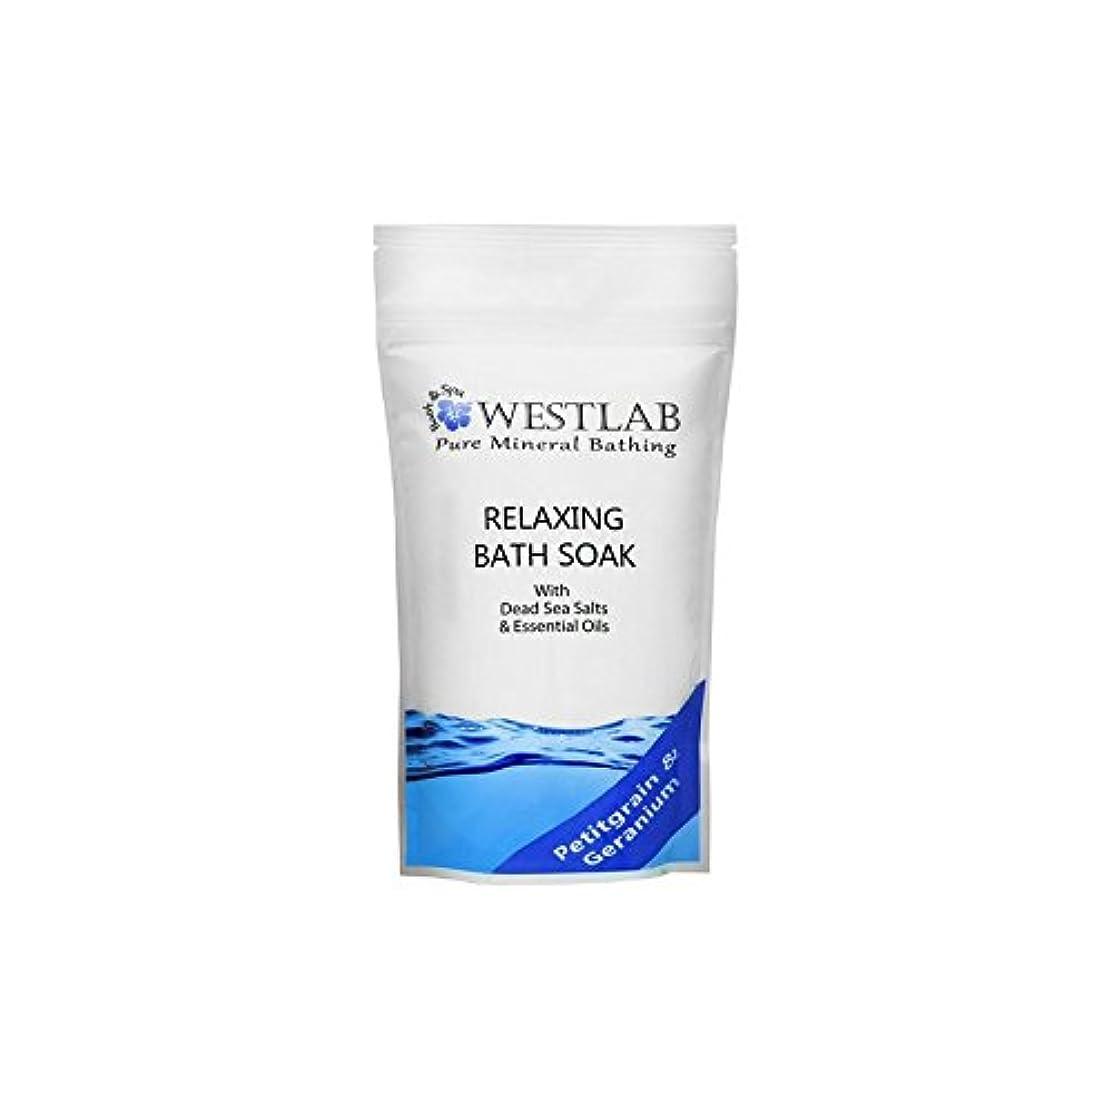 安定したテンポより良い死海の塩浴浸漬(500グラム)をリラックス x4 - Westlab Relax Dead Sea Salt Bath Soak (500g) (Pack of 4) [並行輸入品]